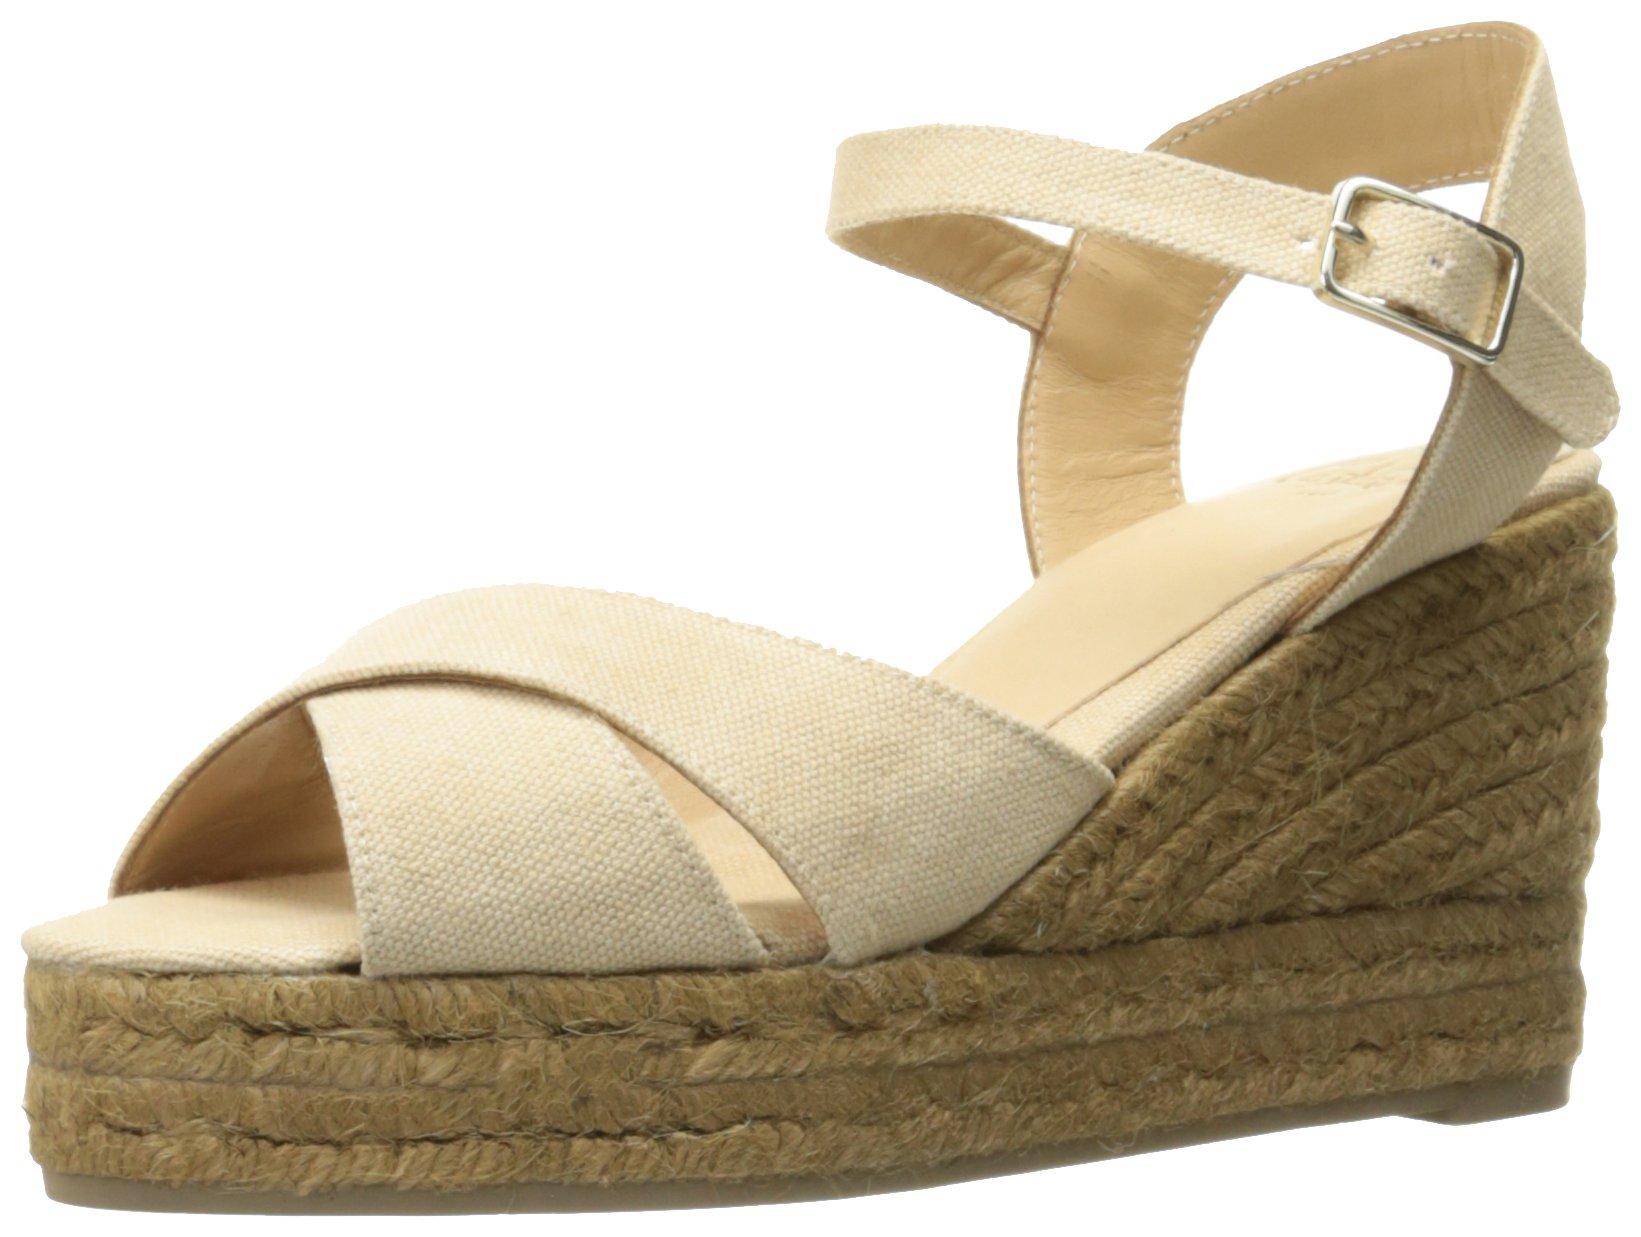 Castaner Women's Blaudell Platform Sandal, Nude (Beige), 37 EU/6.5 N US by Castaner (Image #1)